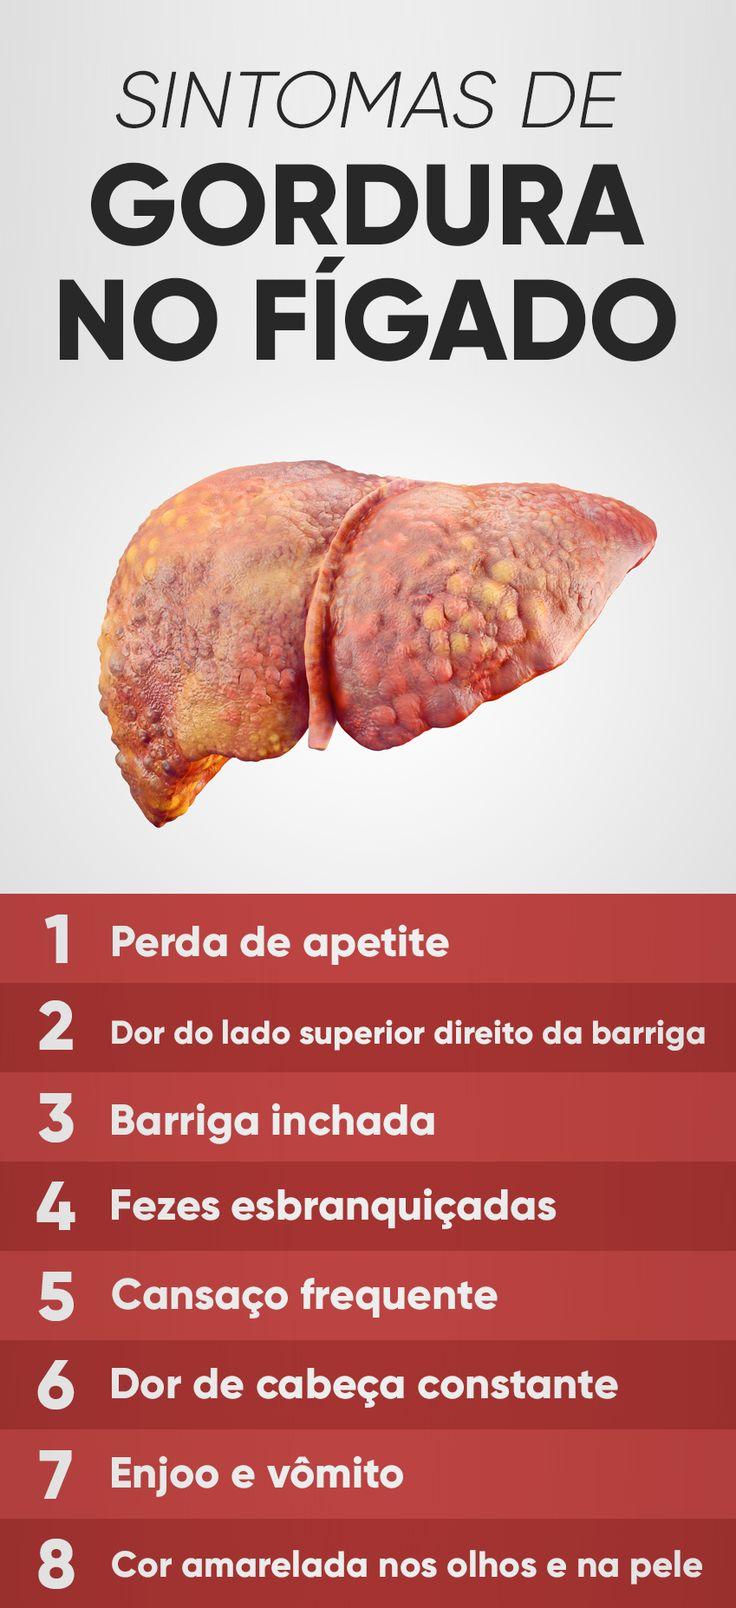 A gordura no fígado, também conhecida por esteatose hepática, normalmente não provoca sintomas nos graus mais leves da doença, e por isso é comum a doença ser descoberta quando o paciente faz exames para avaliar outros problemas de saúde.